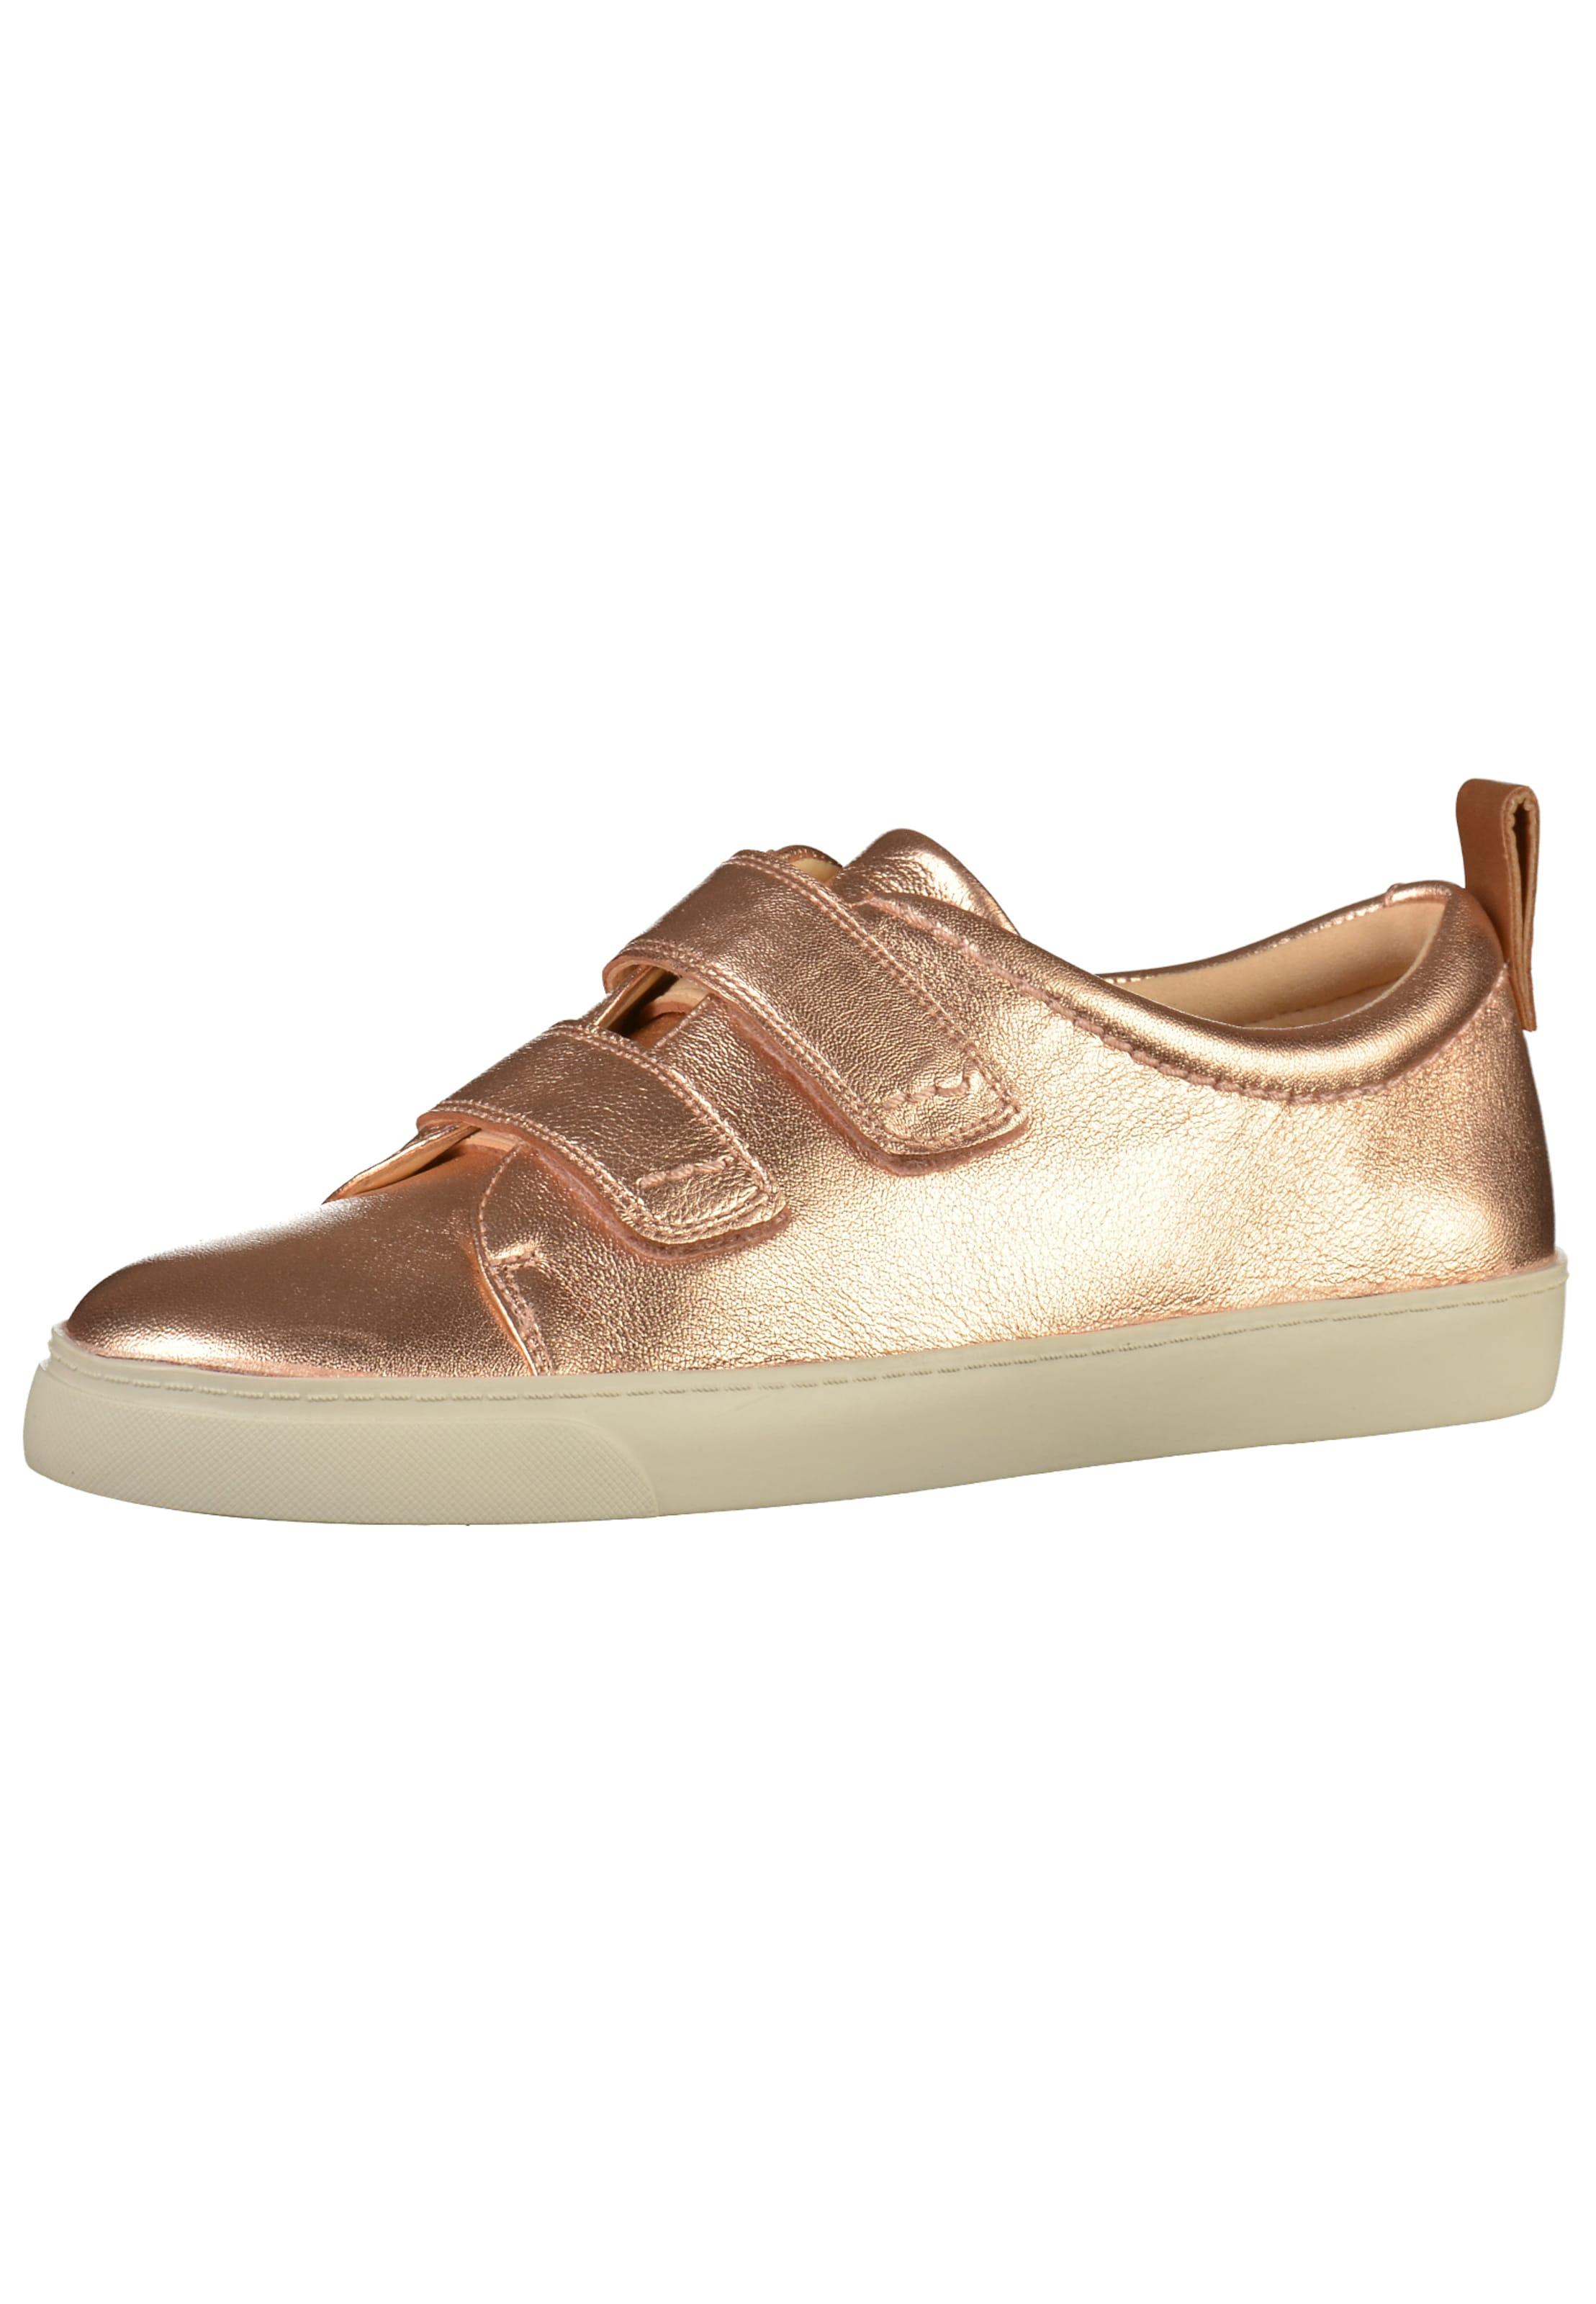 CLARKS Sneaker Verschleißfeste billige Schuhe Hohe Qualität